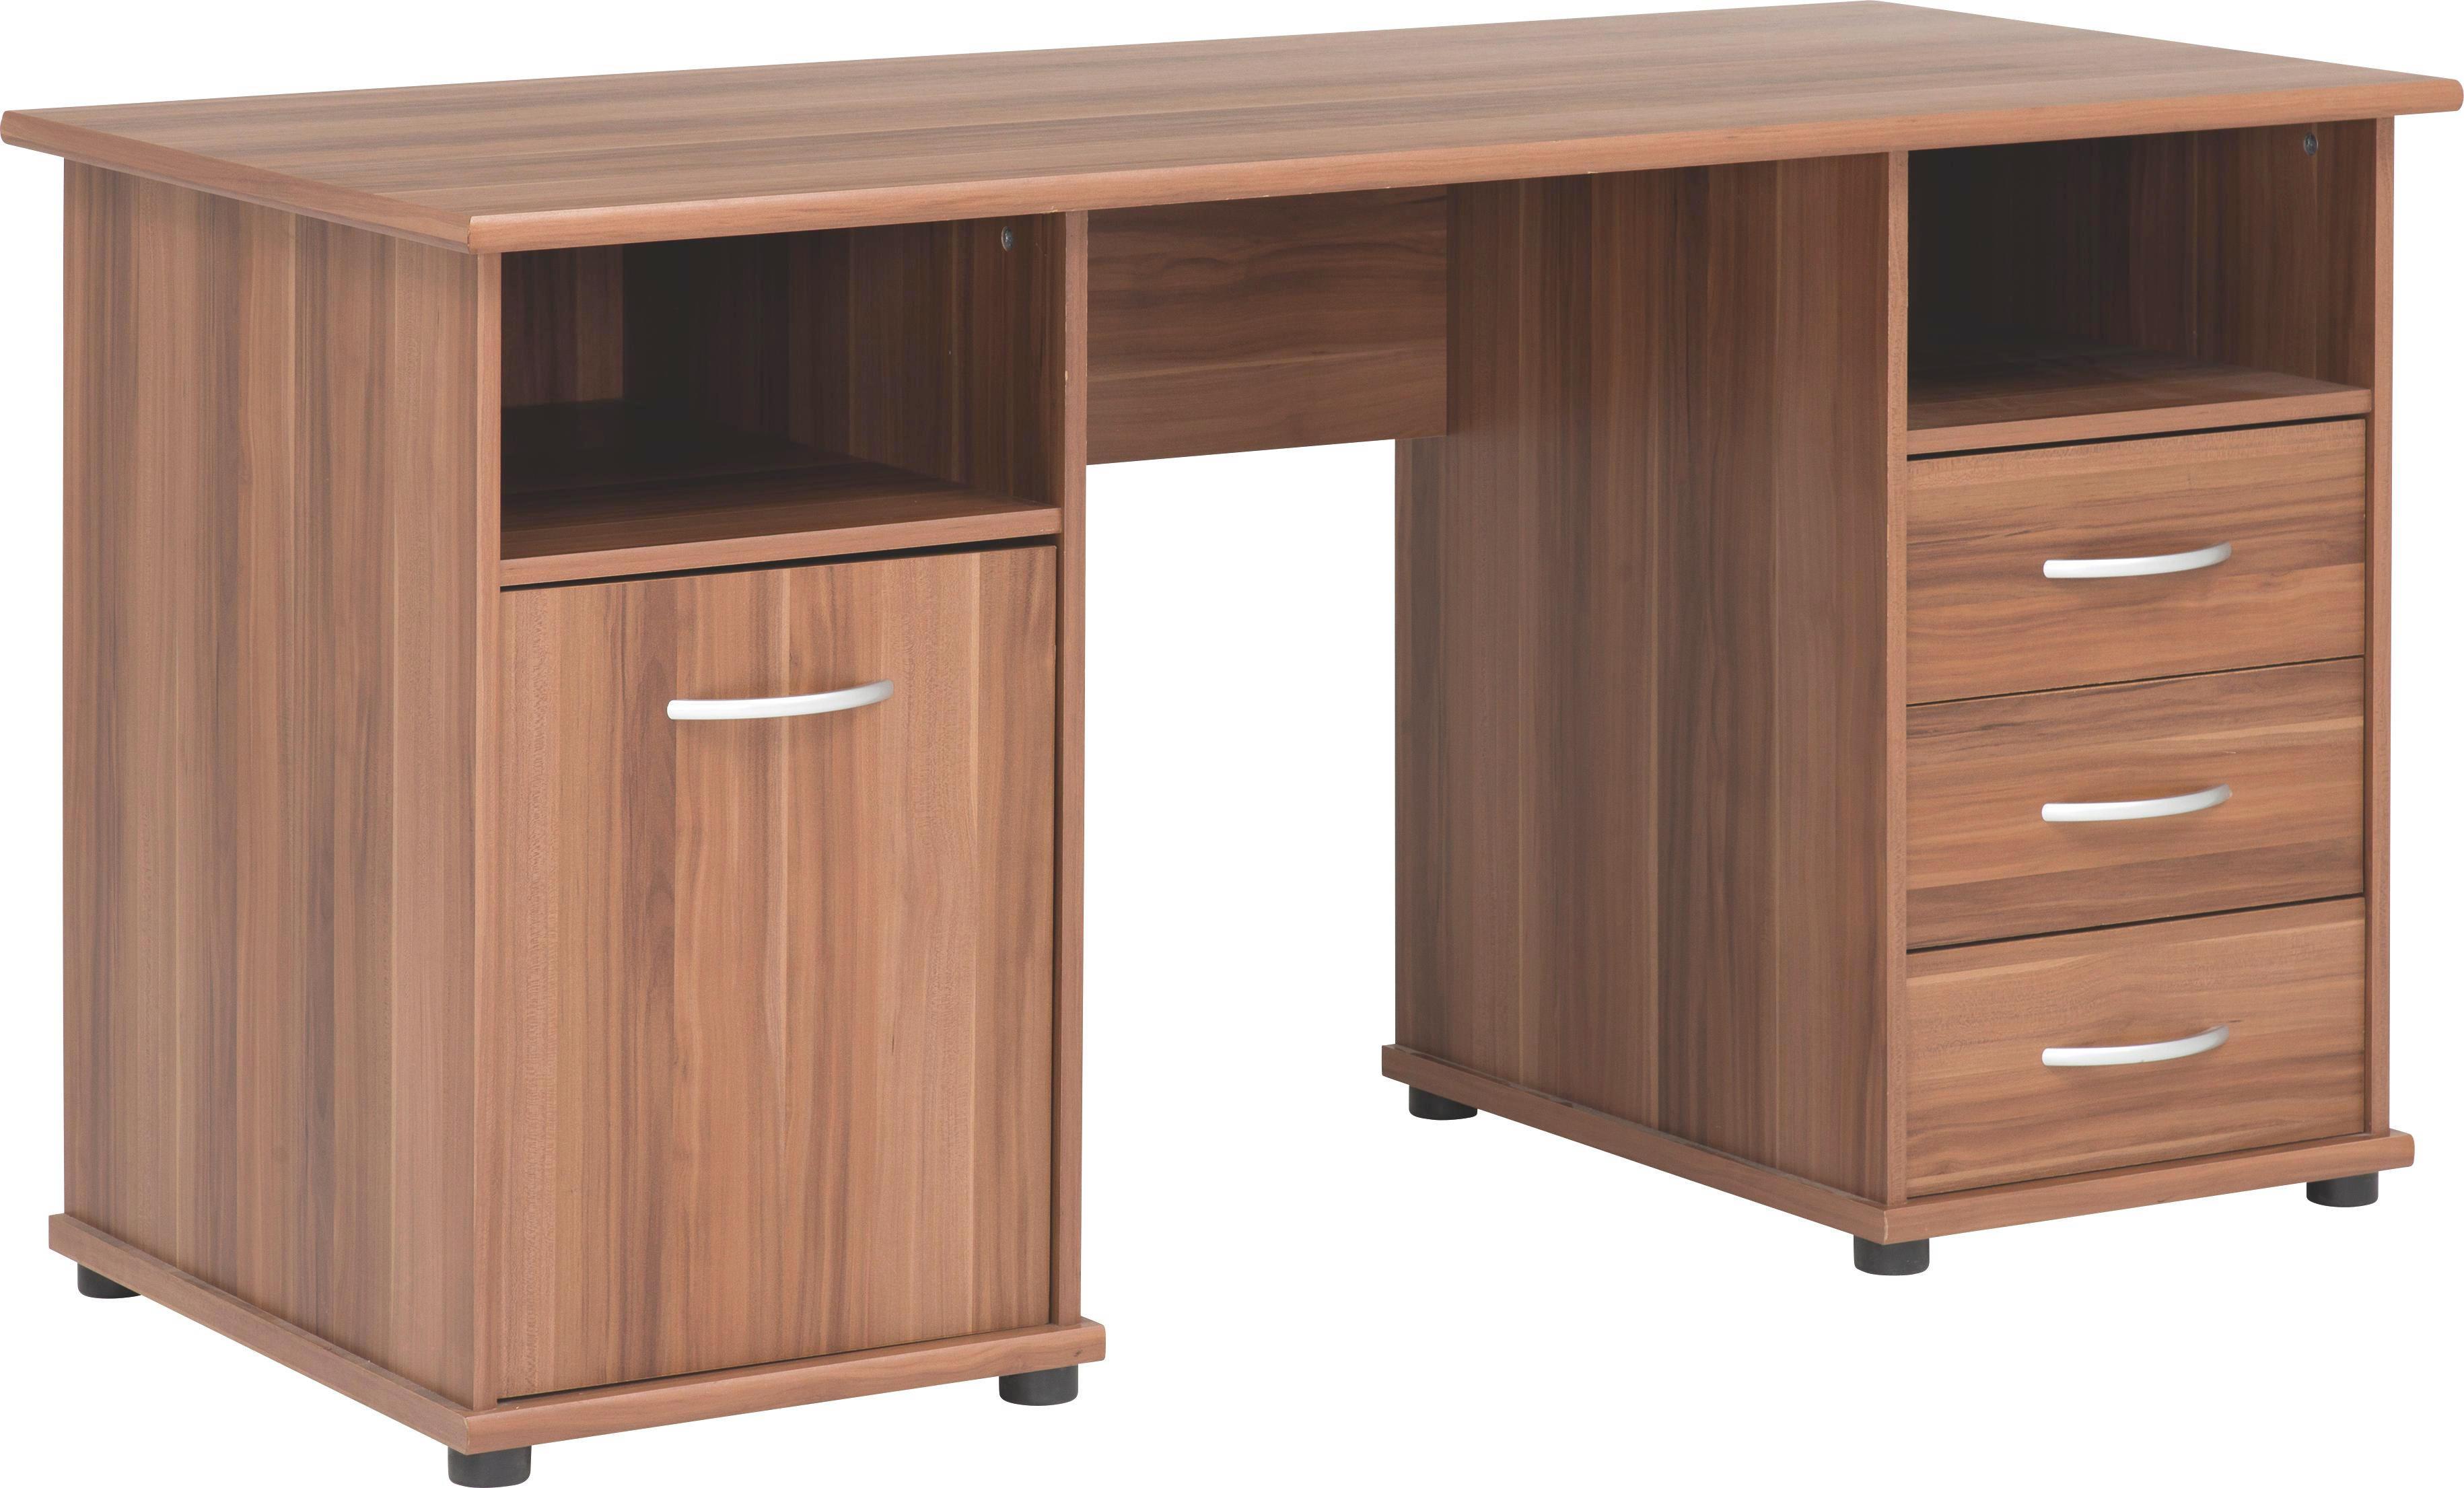 SCHREIBTISCH - Nussbaumfarben/Alufarben, Design, Holzwerkstoff/Kunststoff (148/75/67cm) - CANTUS